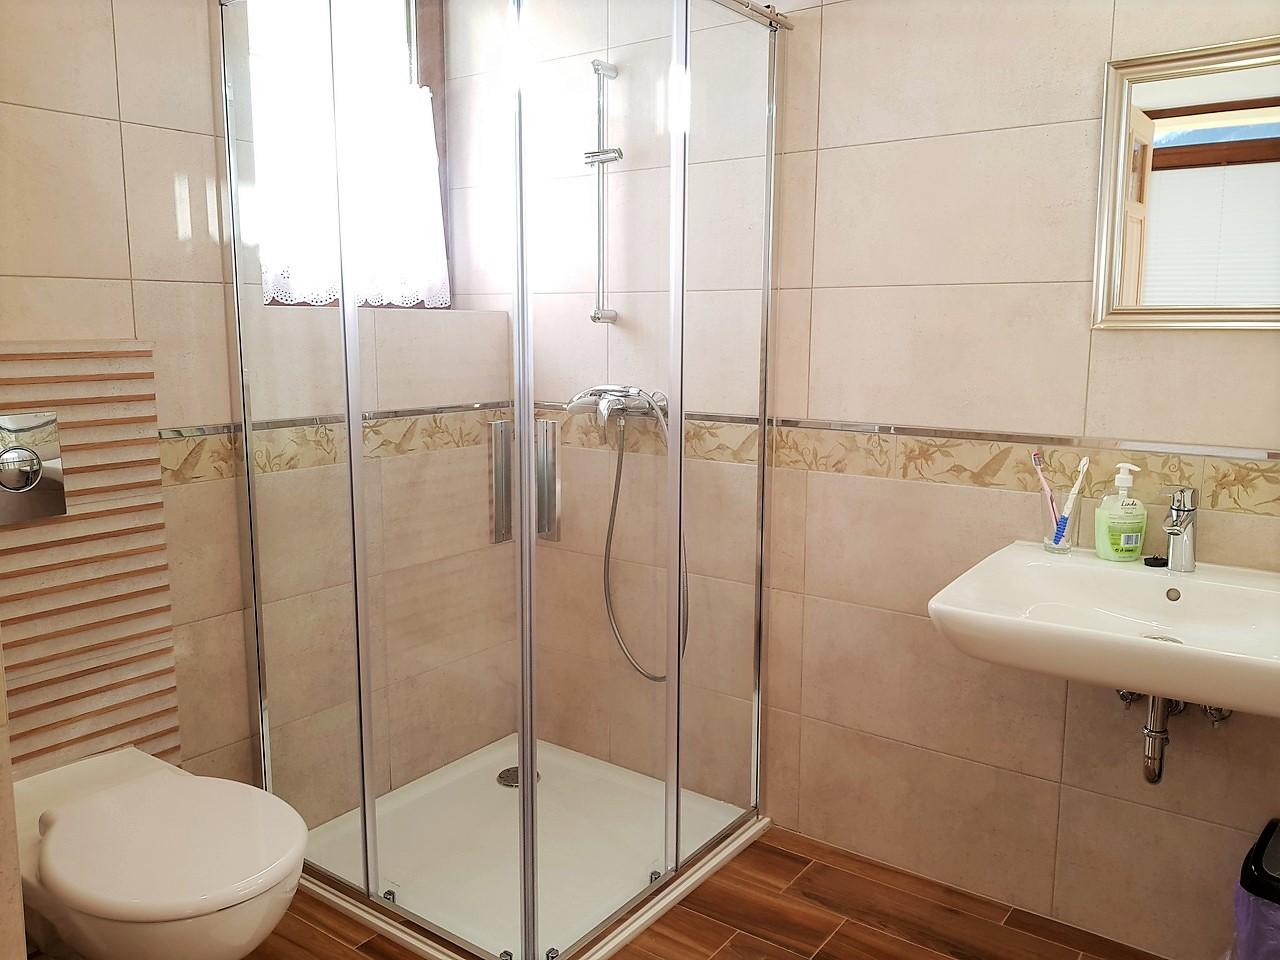 pokoje zakopane 1 łazienka (1)